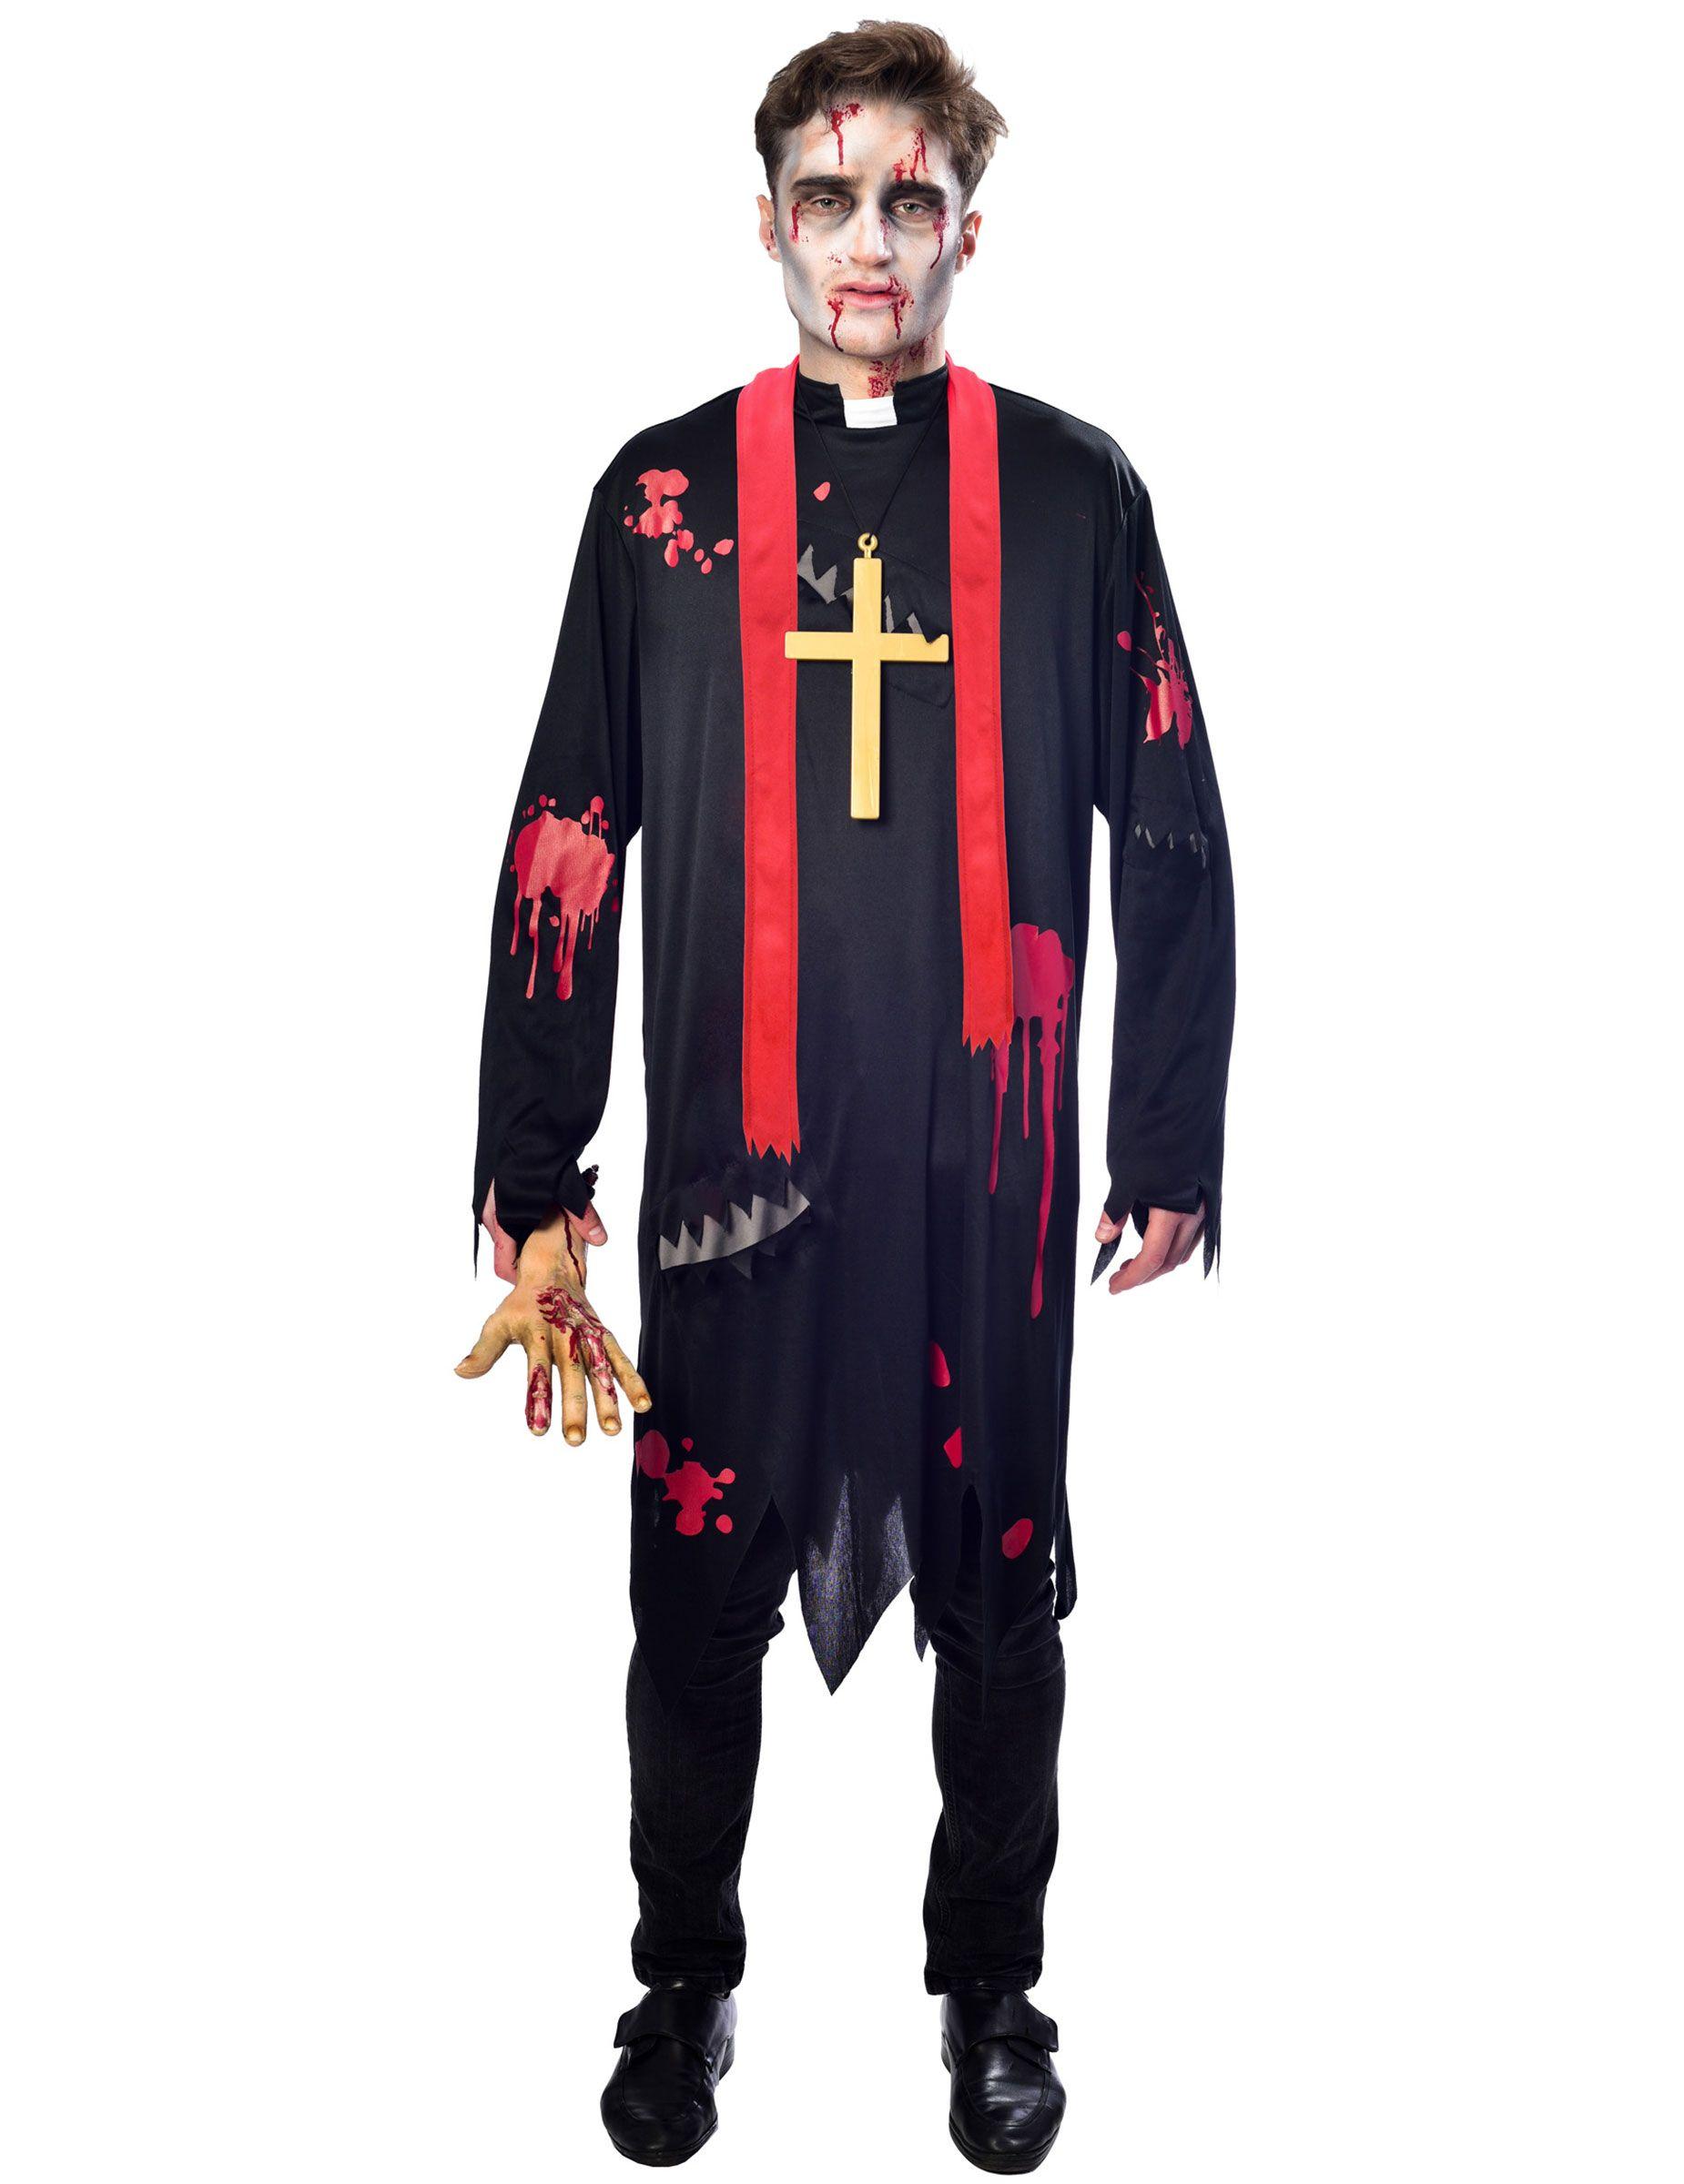 Travestimenti Halloween Uomo.Costume Da Prete Zombie Per Uomo Halloween Vestiti Costumi E Zombie